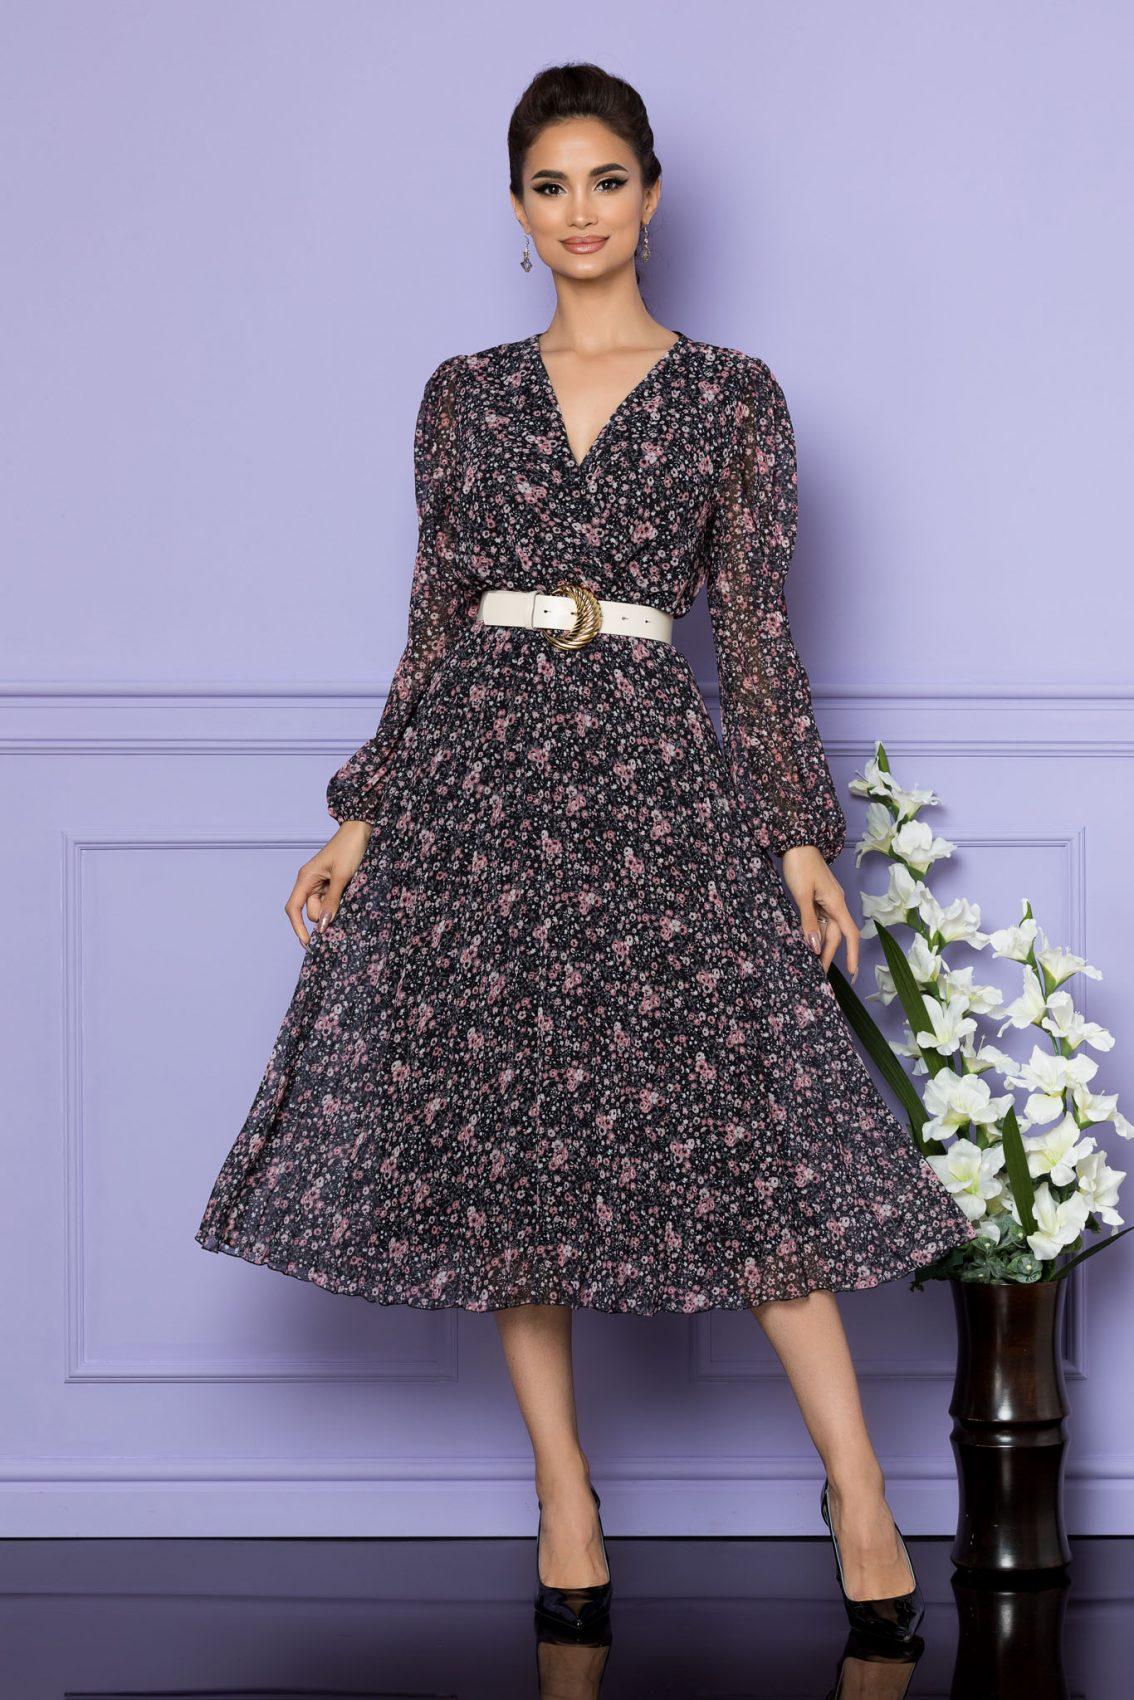 Μίντι Φλοράλ Κρουαζέ Μαύρο Φόρεμα Ingrid A689 1